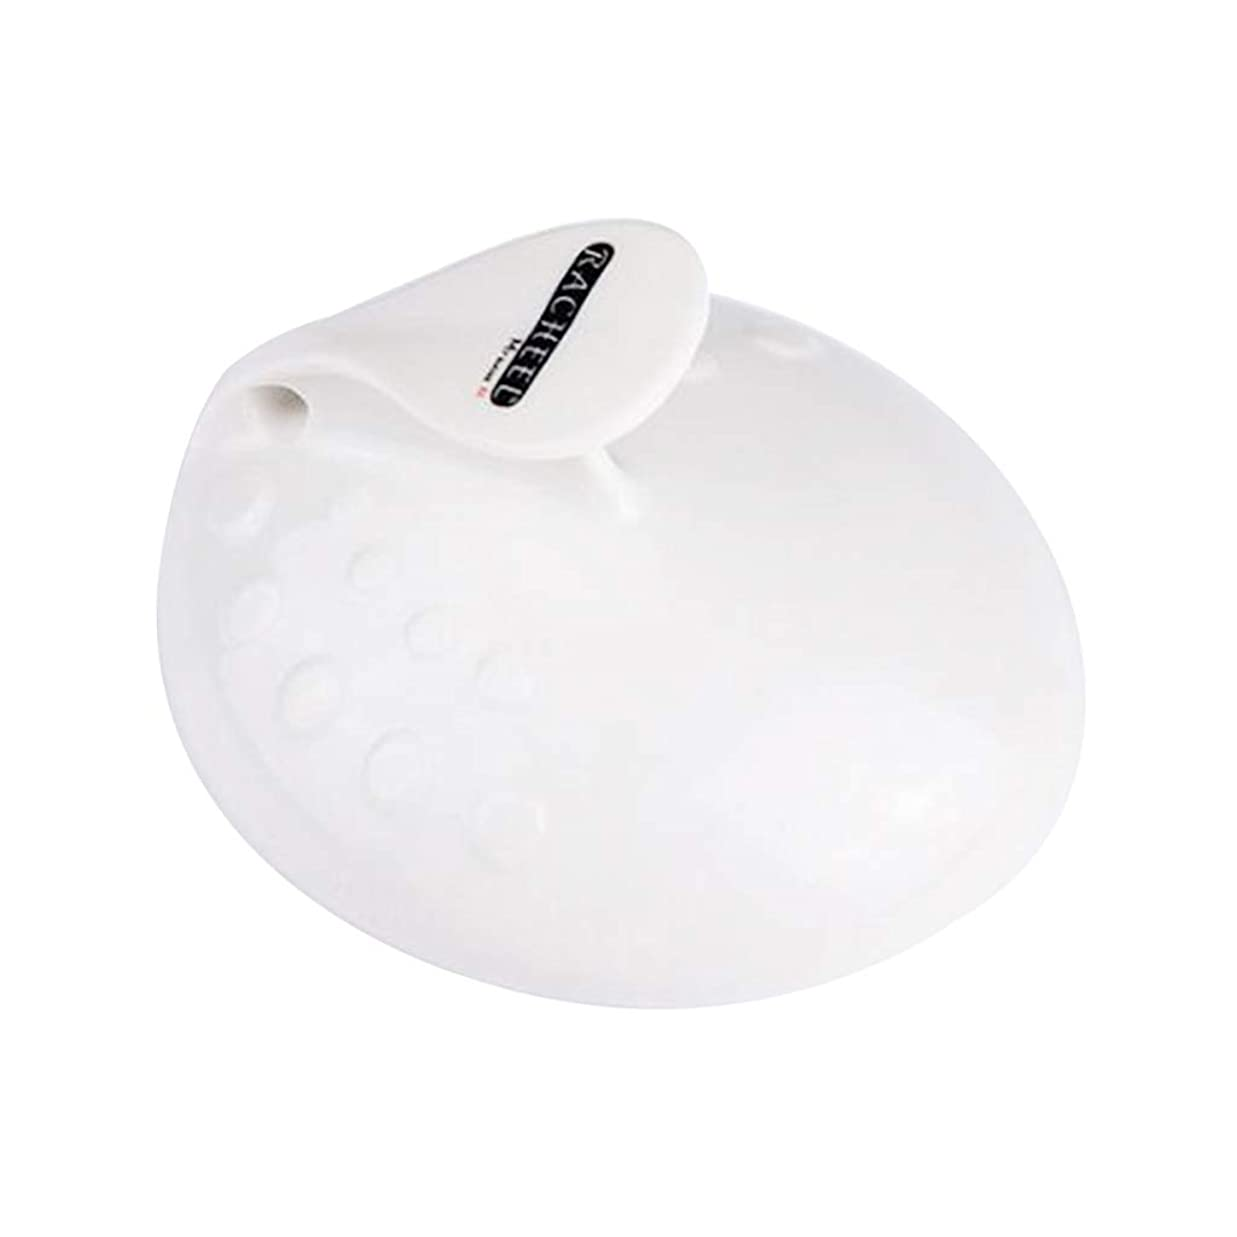 バーガー液体今日Perfeclan フット 角質ケア ペディキュア 足 ファイル 角質取り かかと削り ガラス 爪磨き 全3色 - 白